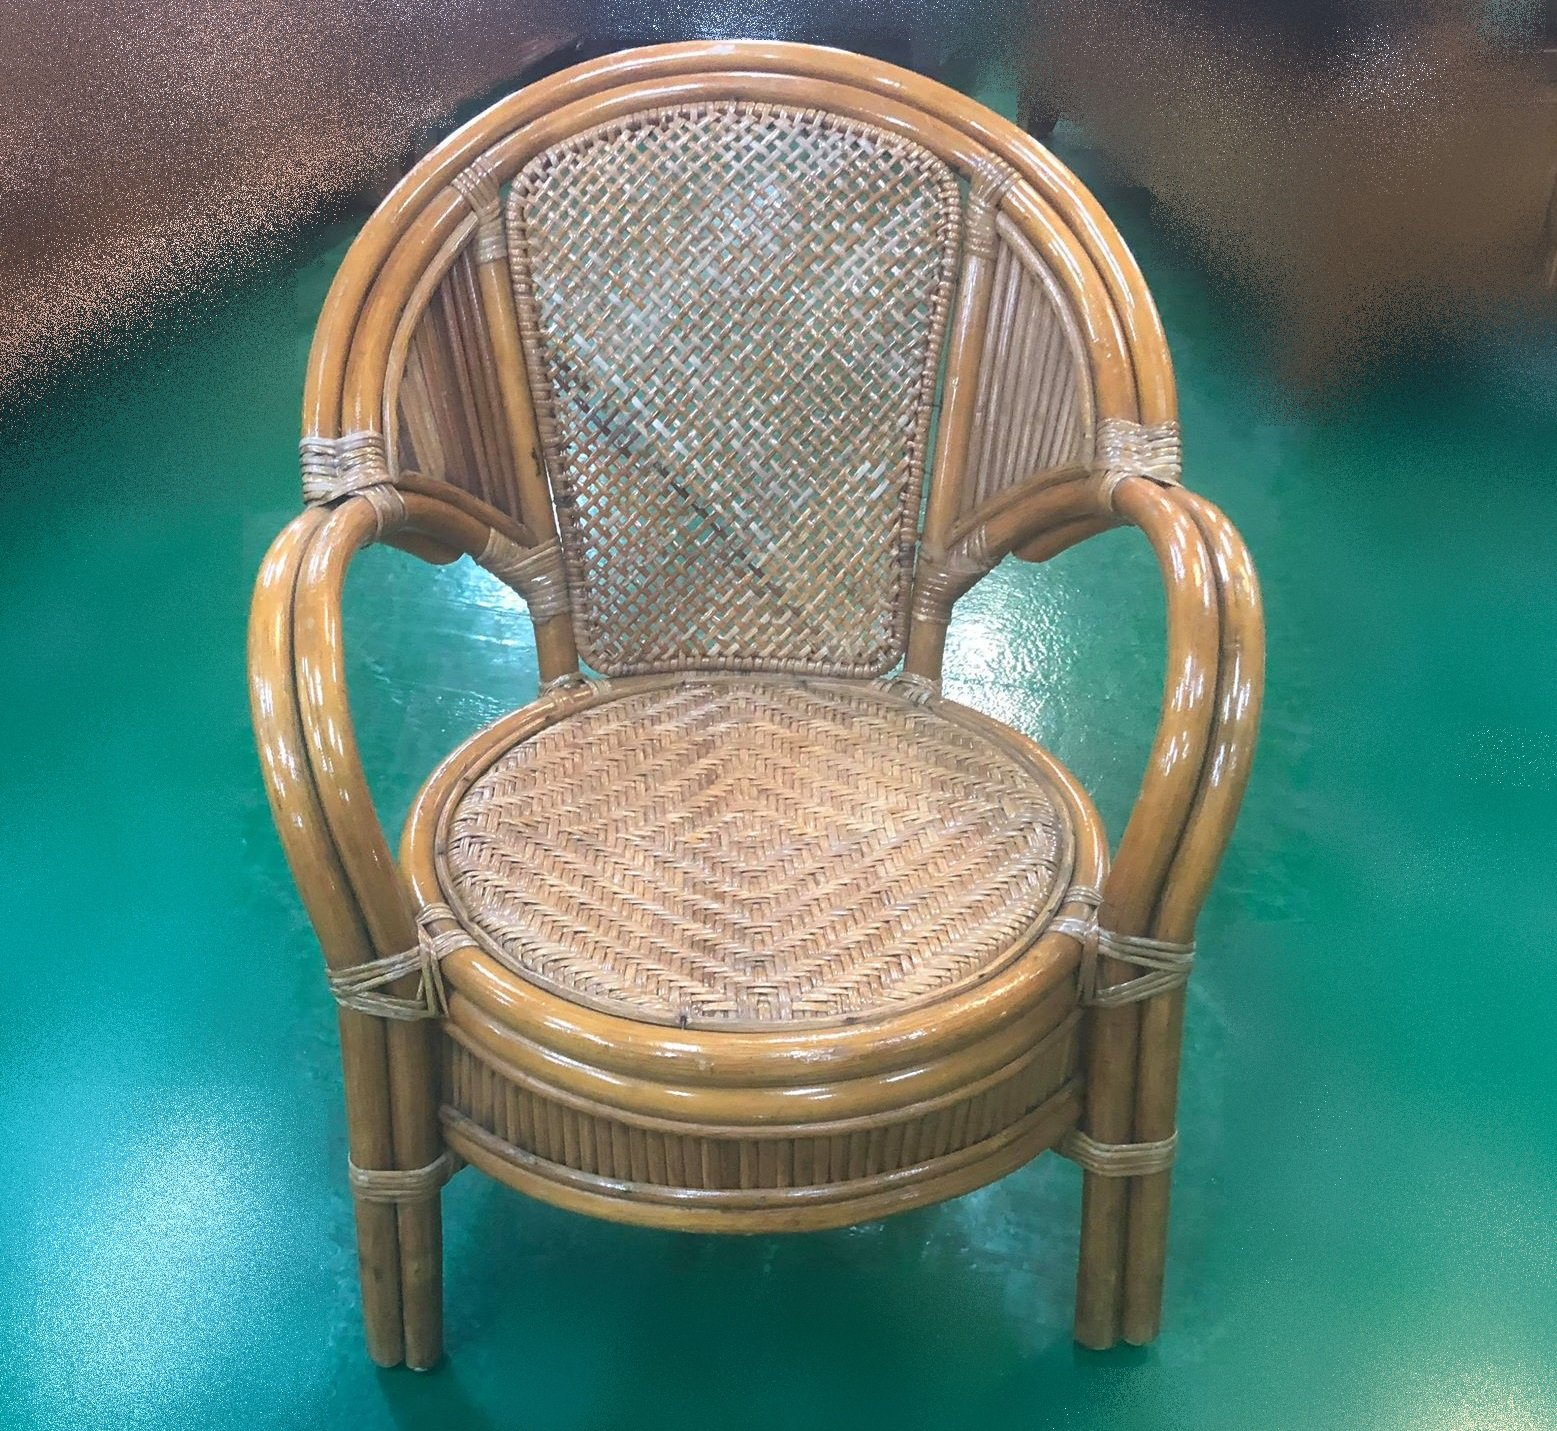 台中二手家具賣場 推薦 大里宏品全新中古傢俱家電 F101603*藤製椅 兒童椅 戶外休閒椅*2手桌椅 台北新竹南投彰化